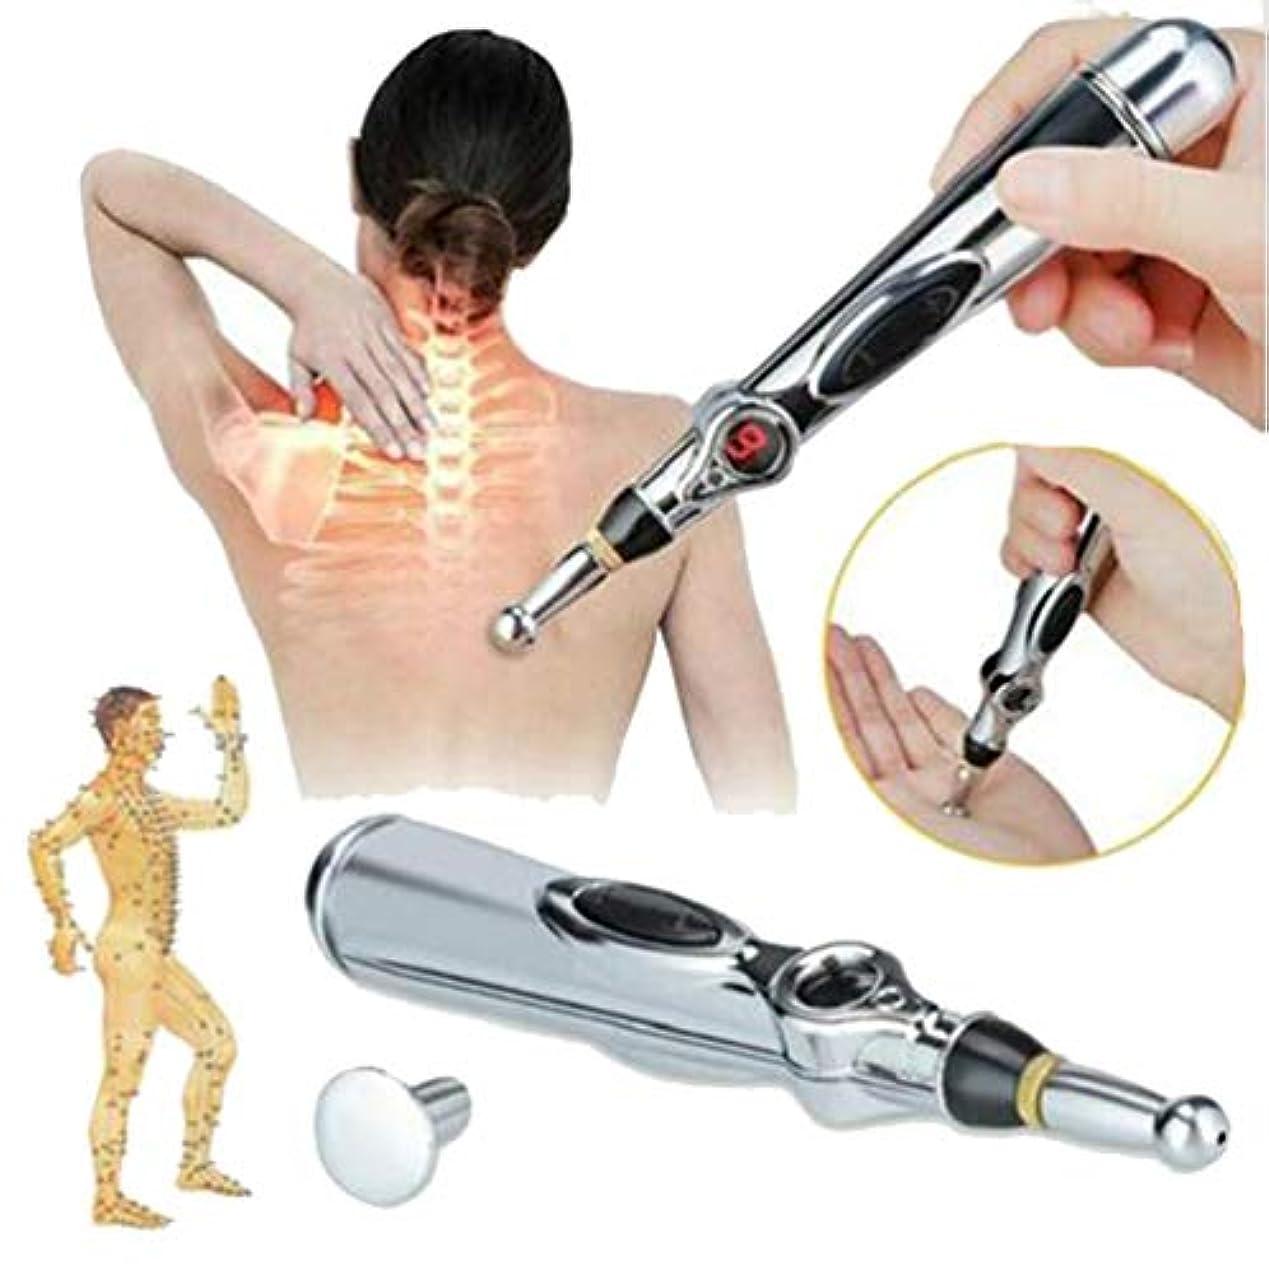 モバイル誇張する散歩電子鍼ペン経絡レーザー鍼灸器マグネットマッサージャー家庭用医療器